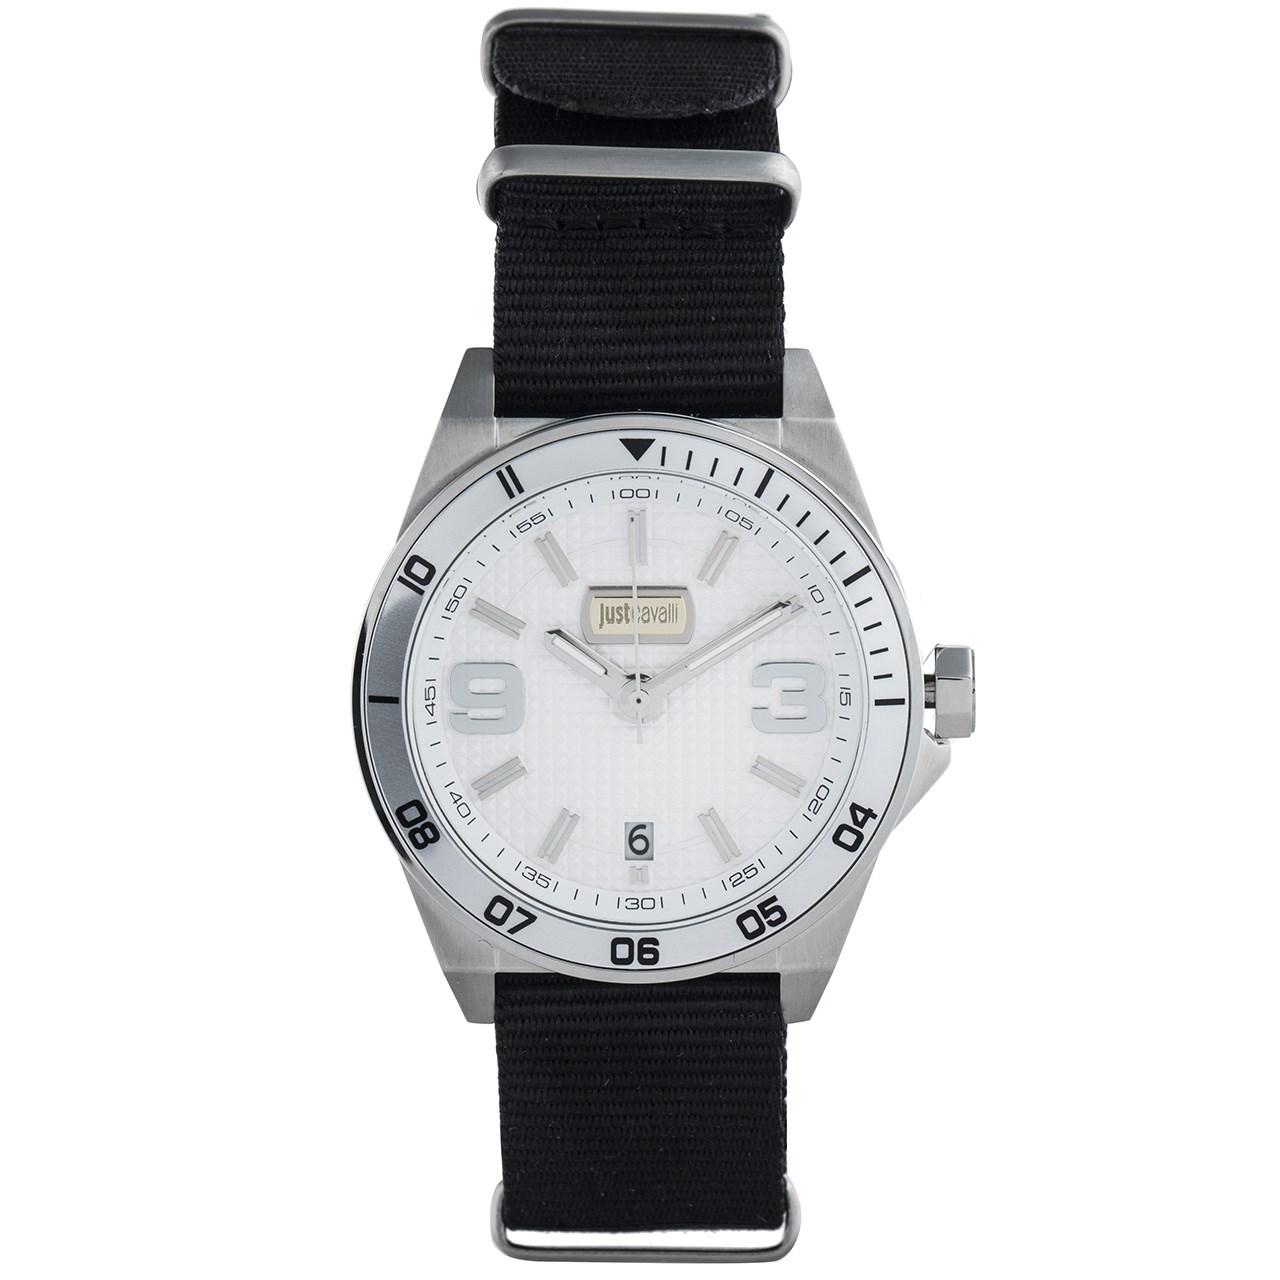 ساعت مچی عقربه ای مردانه جاست کاوالی مدل JC1G014L0015